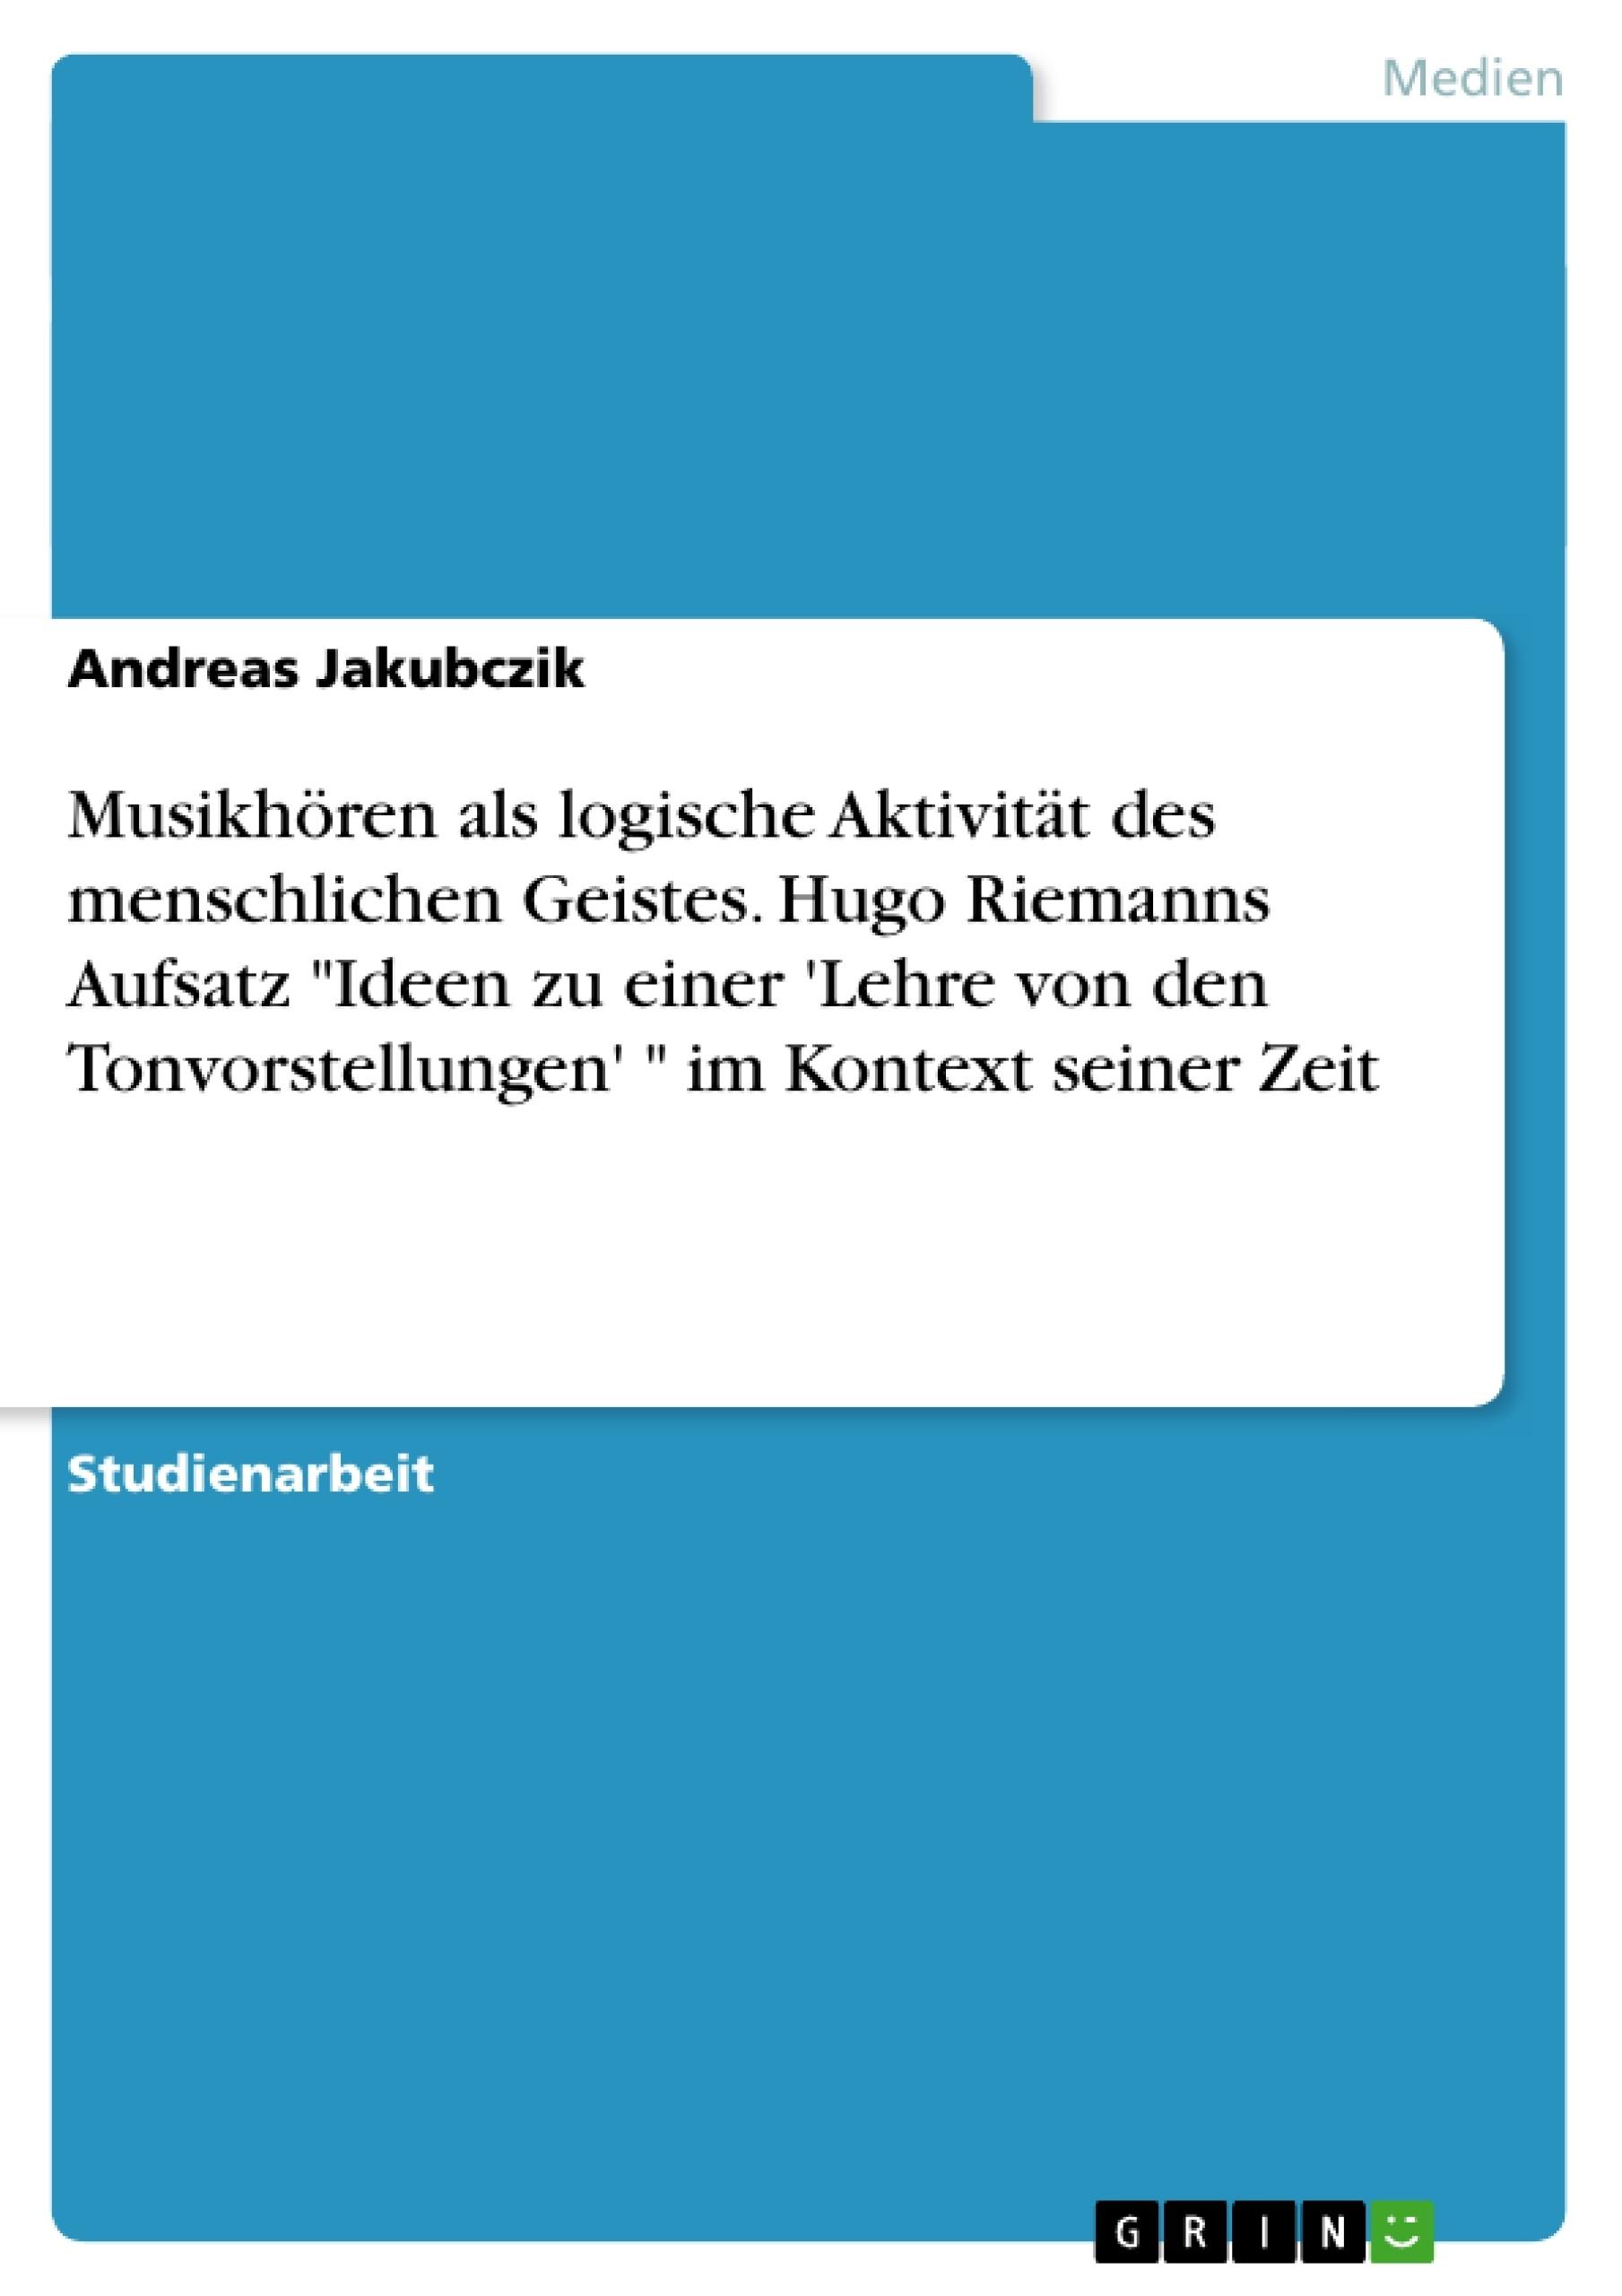 """Titel: Musikhören als logische Aktivität des menschlichen Geistes. Hugo Riemanns Aufsatz """"Ideen zu einer 'Lehre von den Tonvorstellungen' """" im Kontext seiner Zeit"""